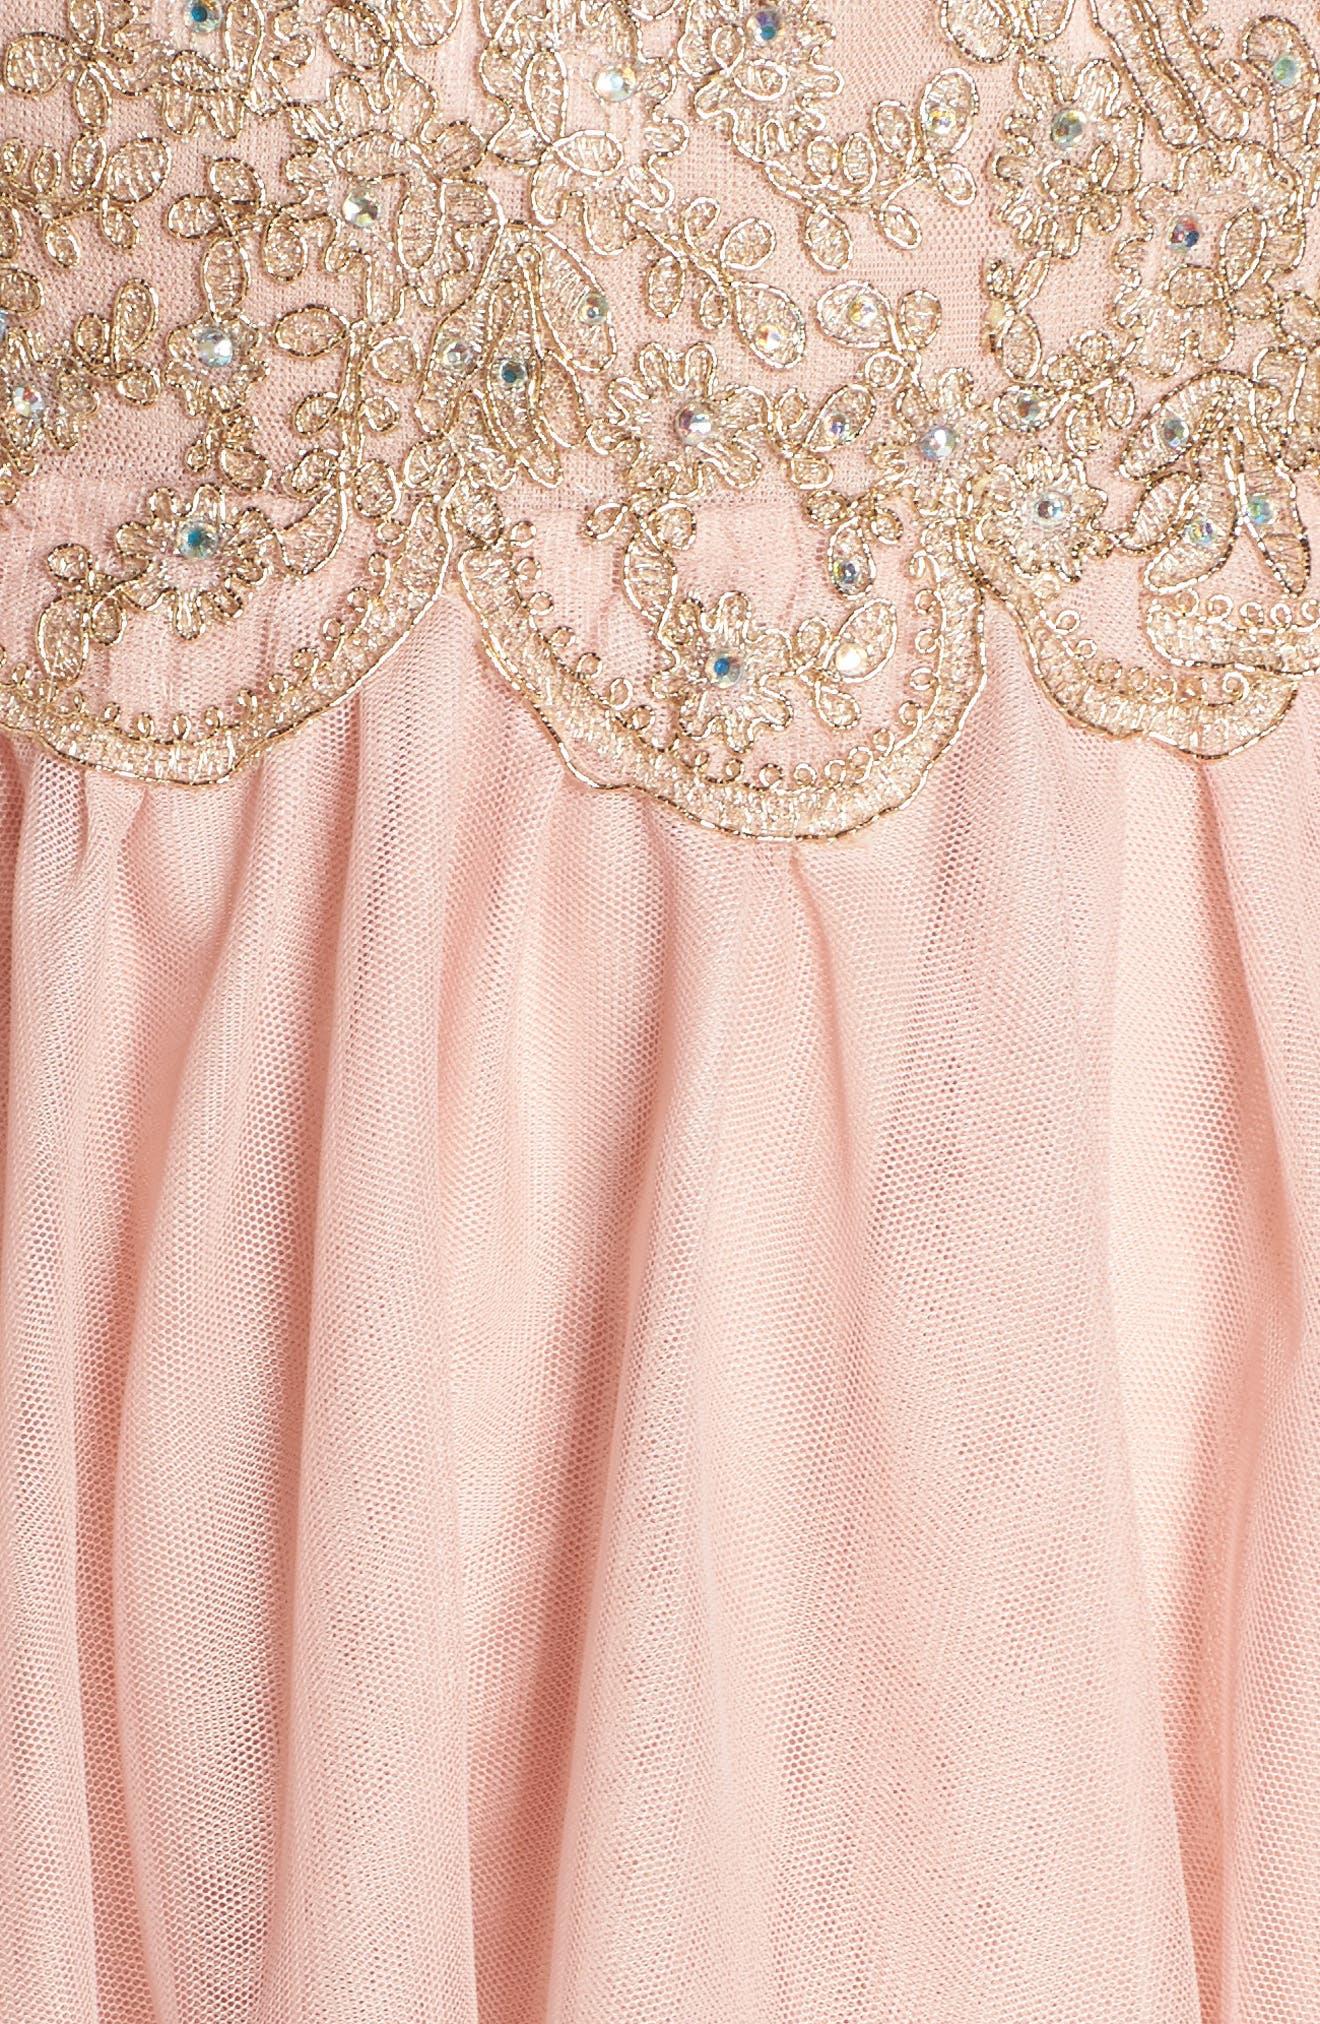 Embellished Fit & Flare Dress,                             Alternate thumbnail 5, color,                             Blush/ Gold